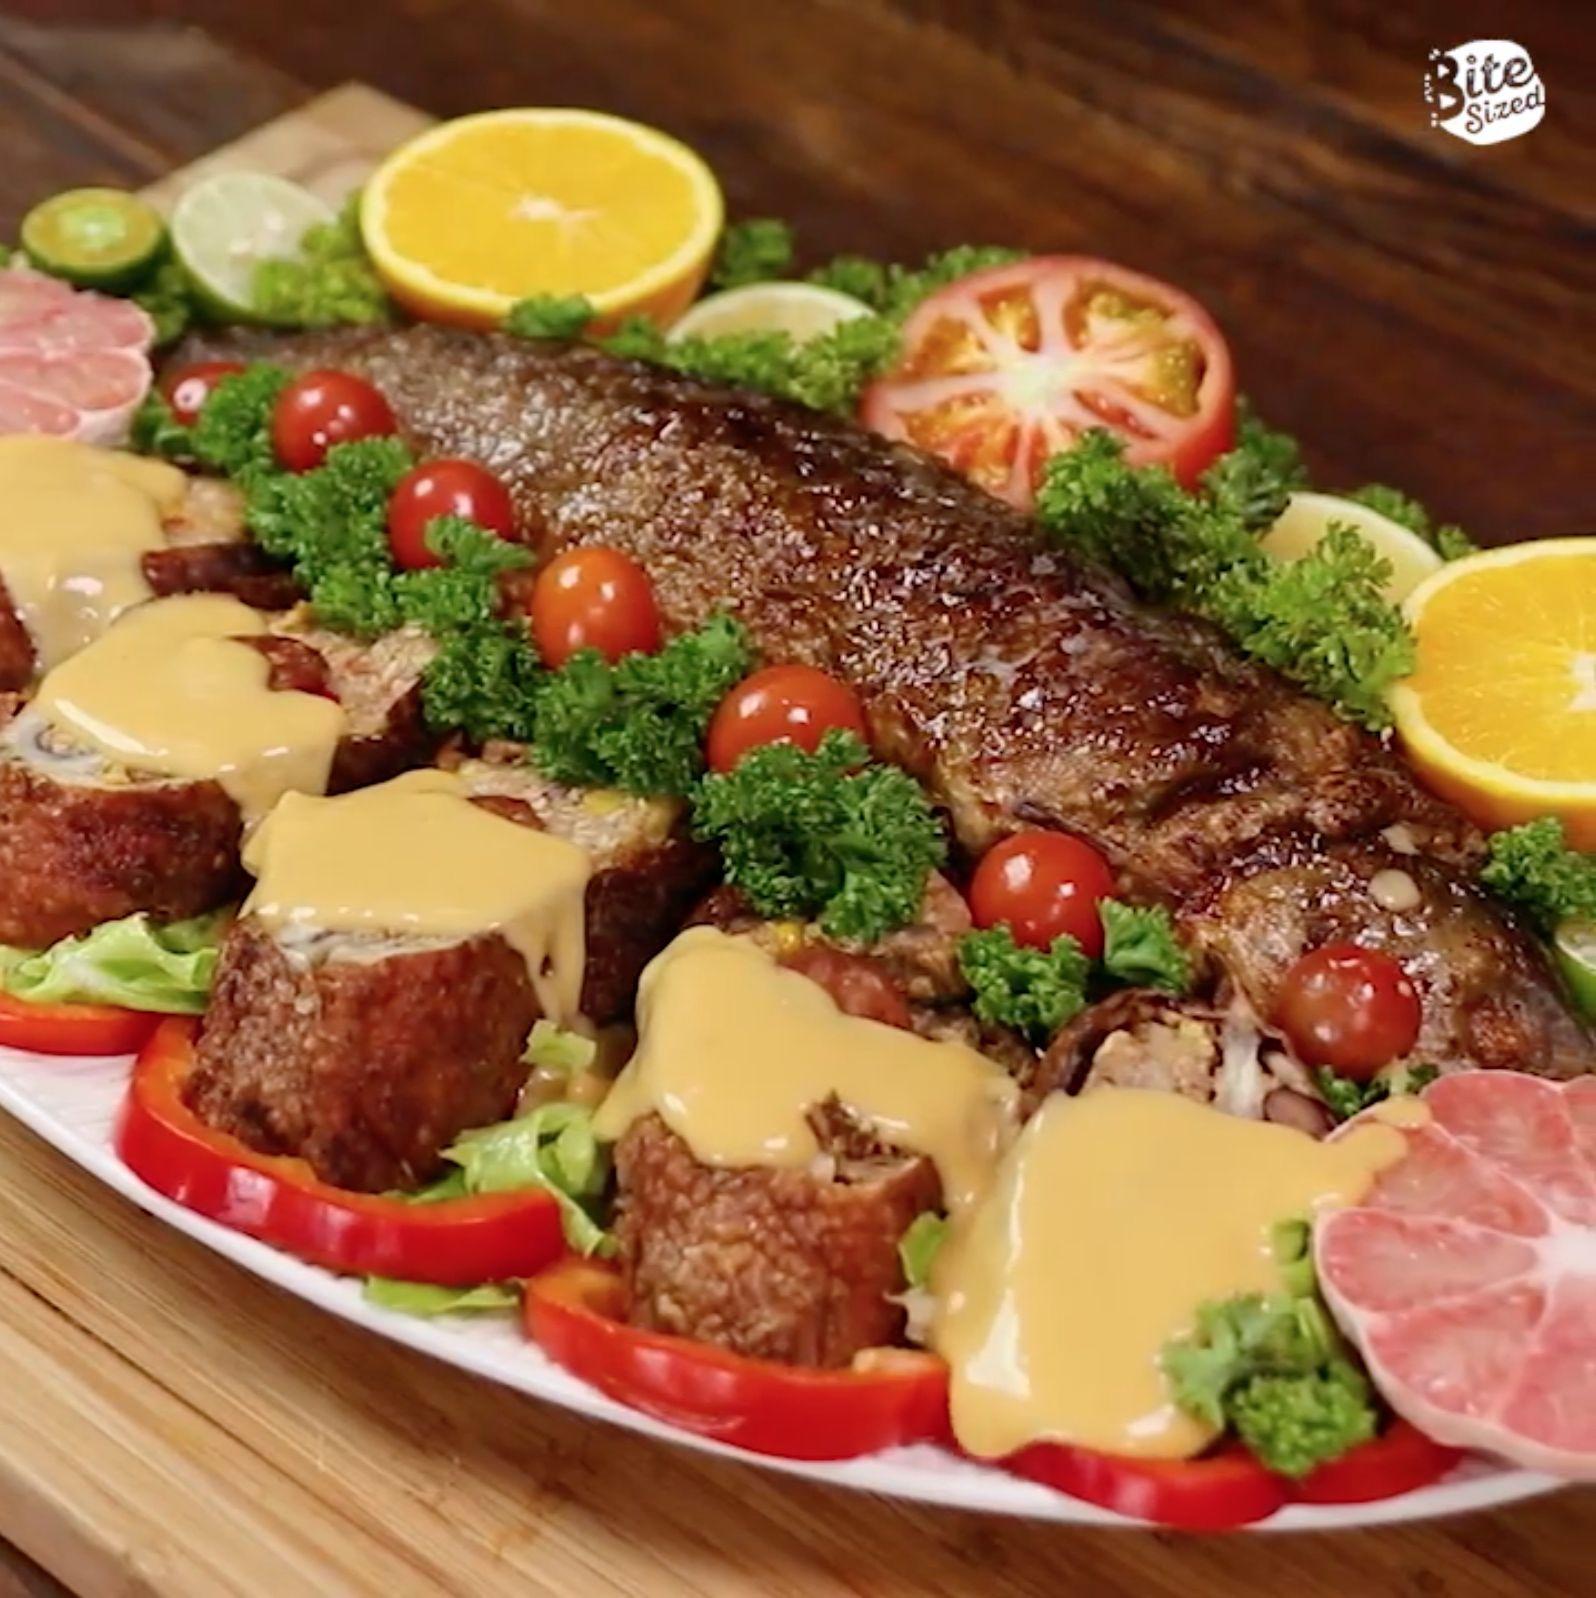 Chili Con Carne Rellenong Bangus Chili con carne, Fish